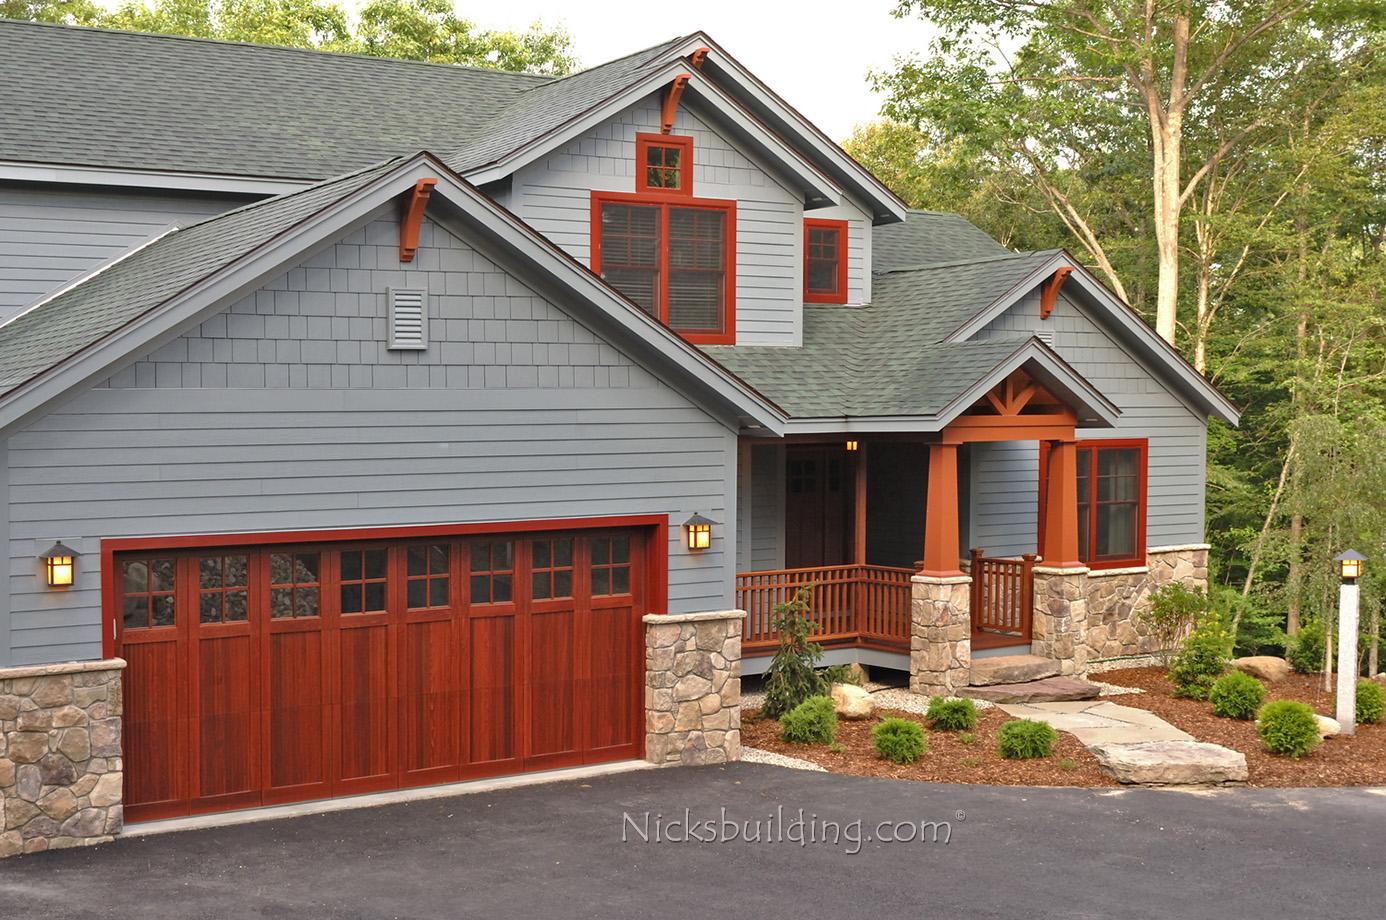 Wood garage doors wooden overhead door paint grade for A authentic garage door